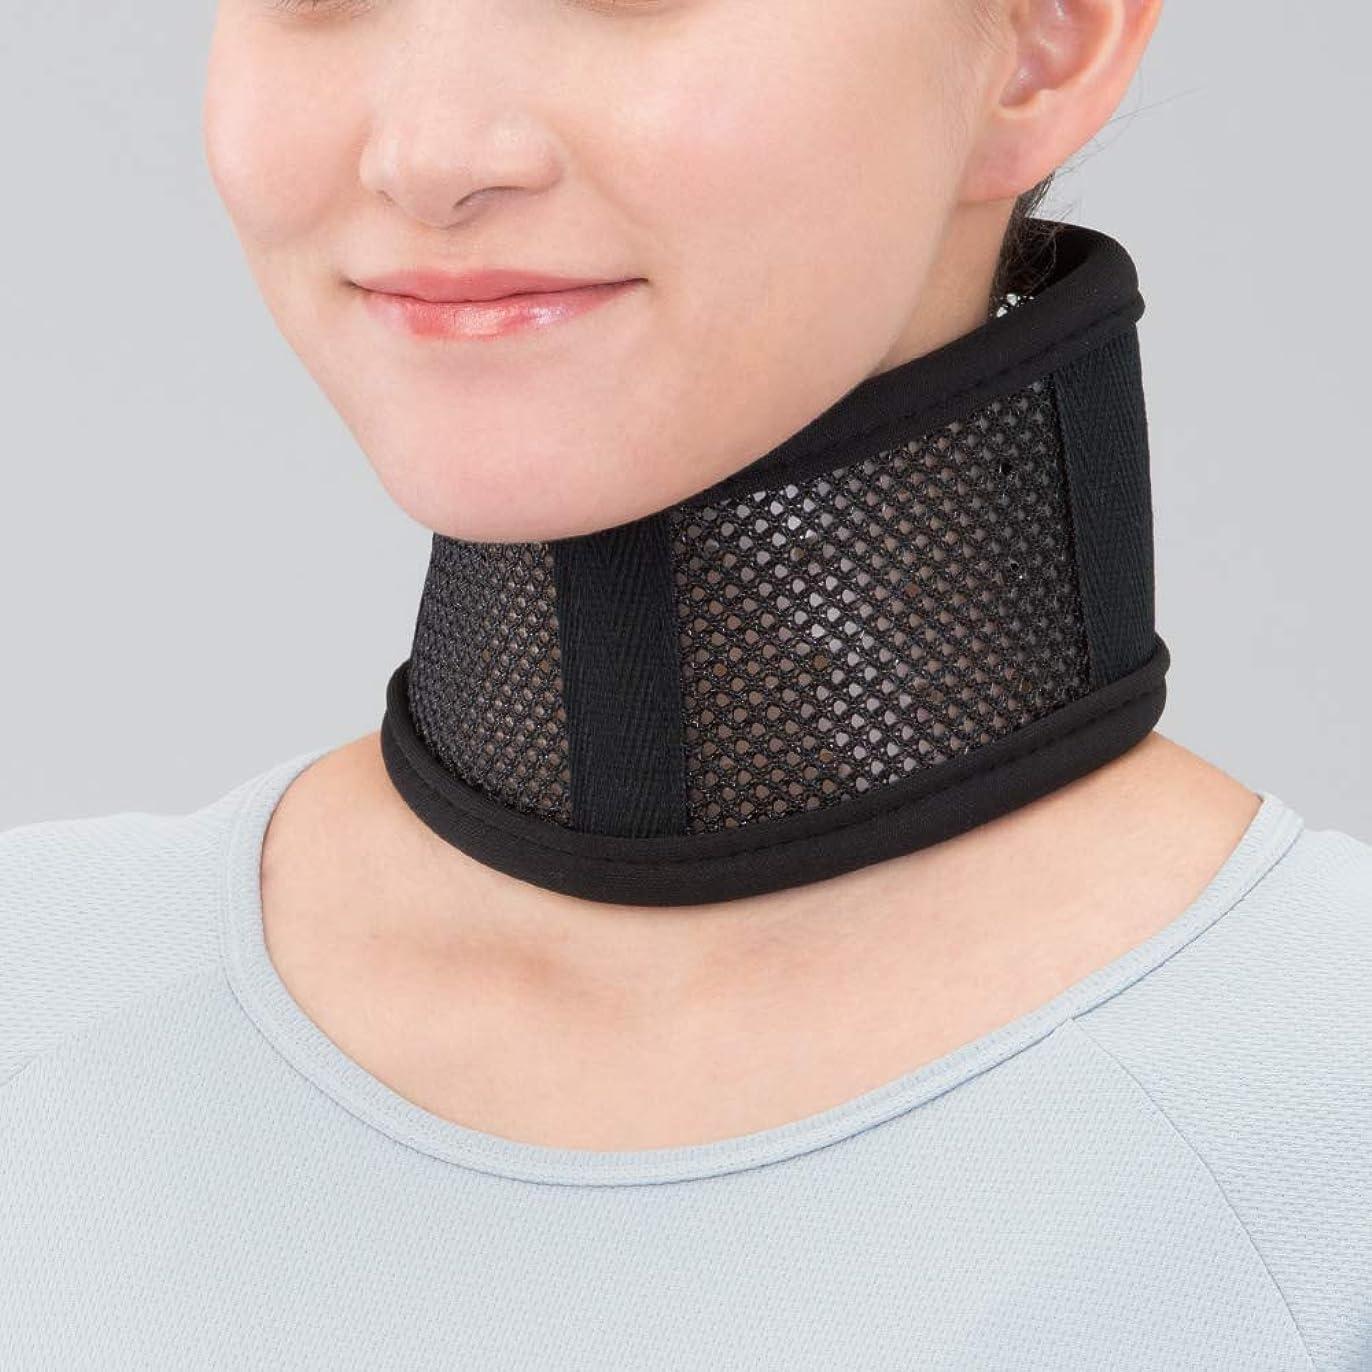 いつでも抗議バイオリンbonbone 頸部サポーター キュールカラー  ブラック L